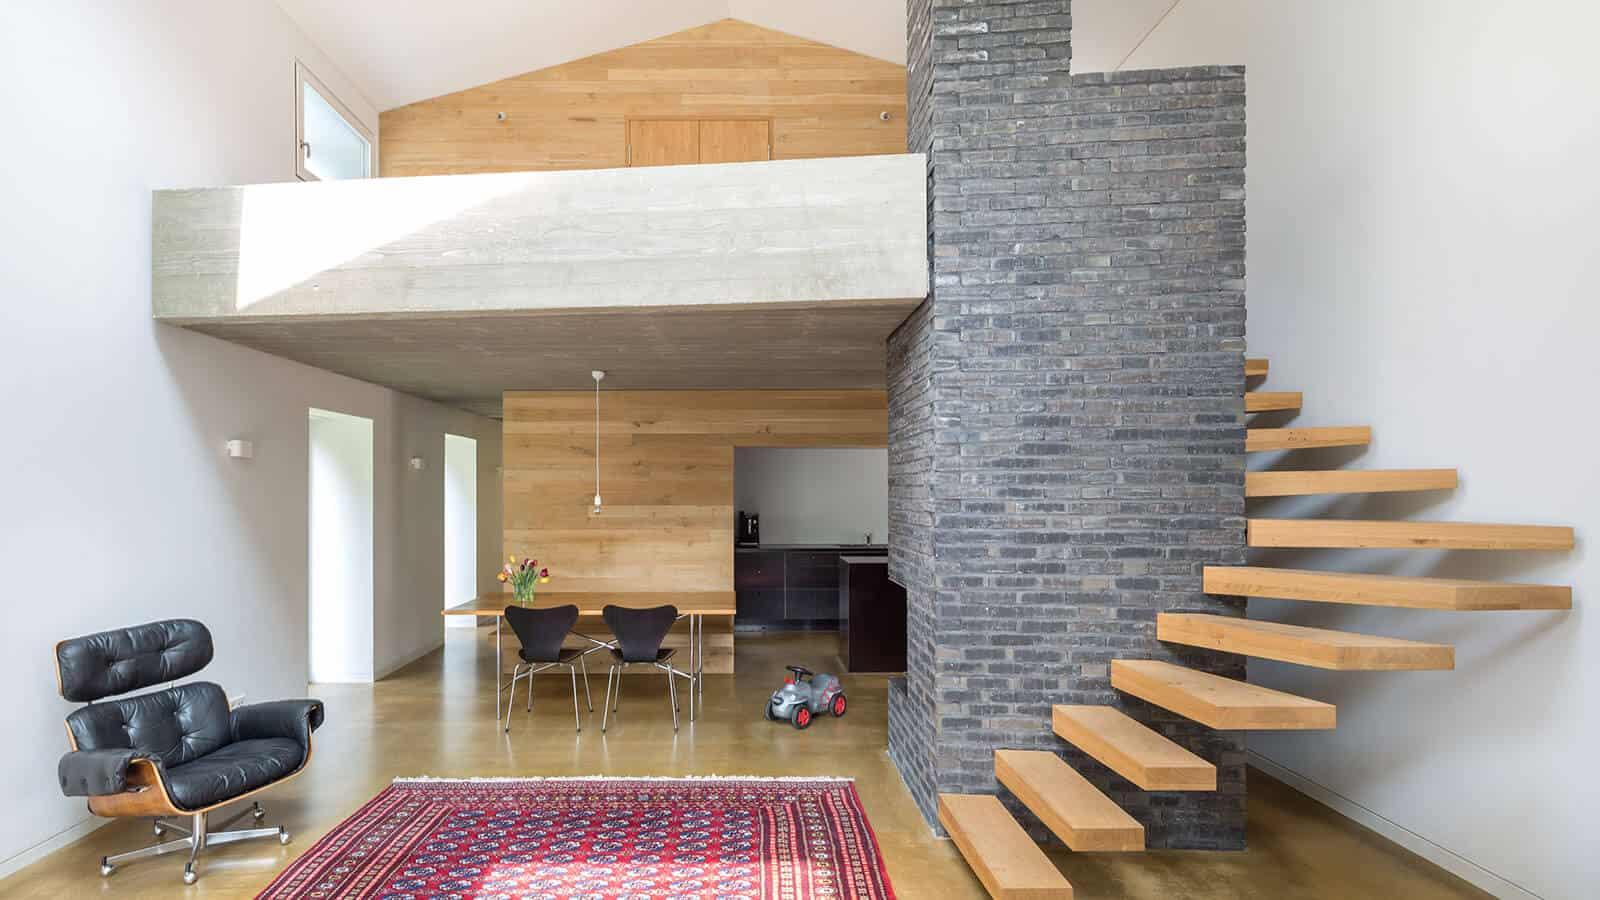 Stocker Dewes Architekten BDA – Wohngebäudemit Büro, Freiburg im Breisgau